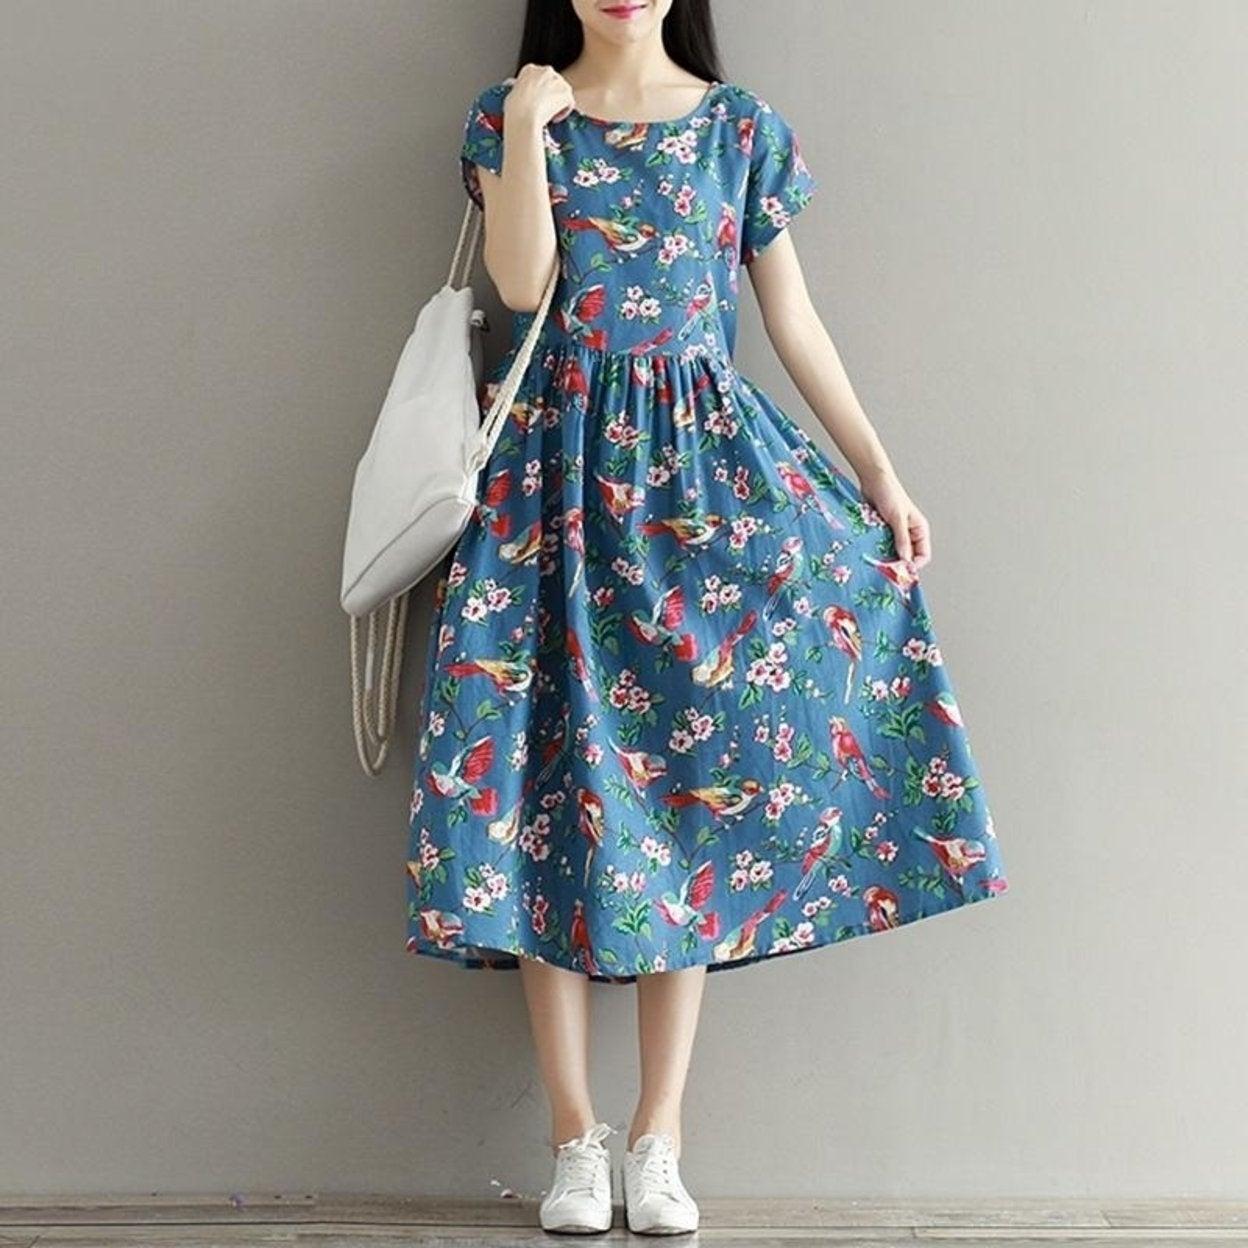 141bf624b658 Shop Women Summer Dress Mori Girl Short Sleeve Floral Print A Line Dress  Blue Color High Waist O Neck Cotton Linen Dress Size M-2Xl - Free Shipping  Today ...